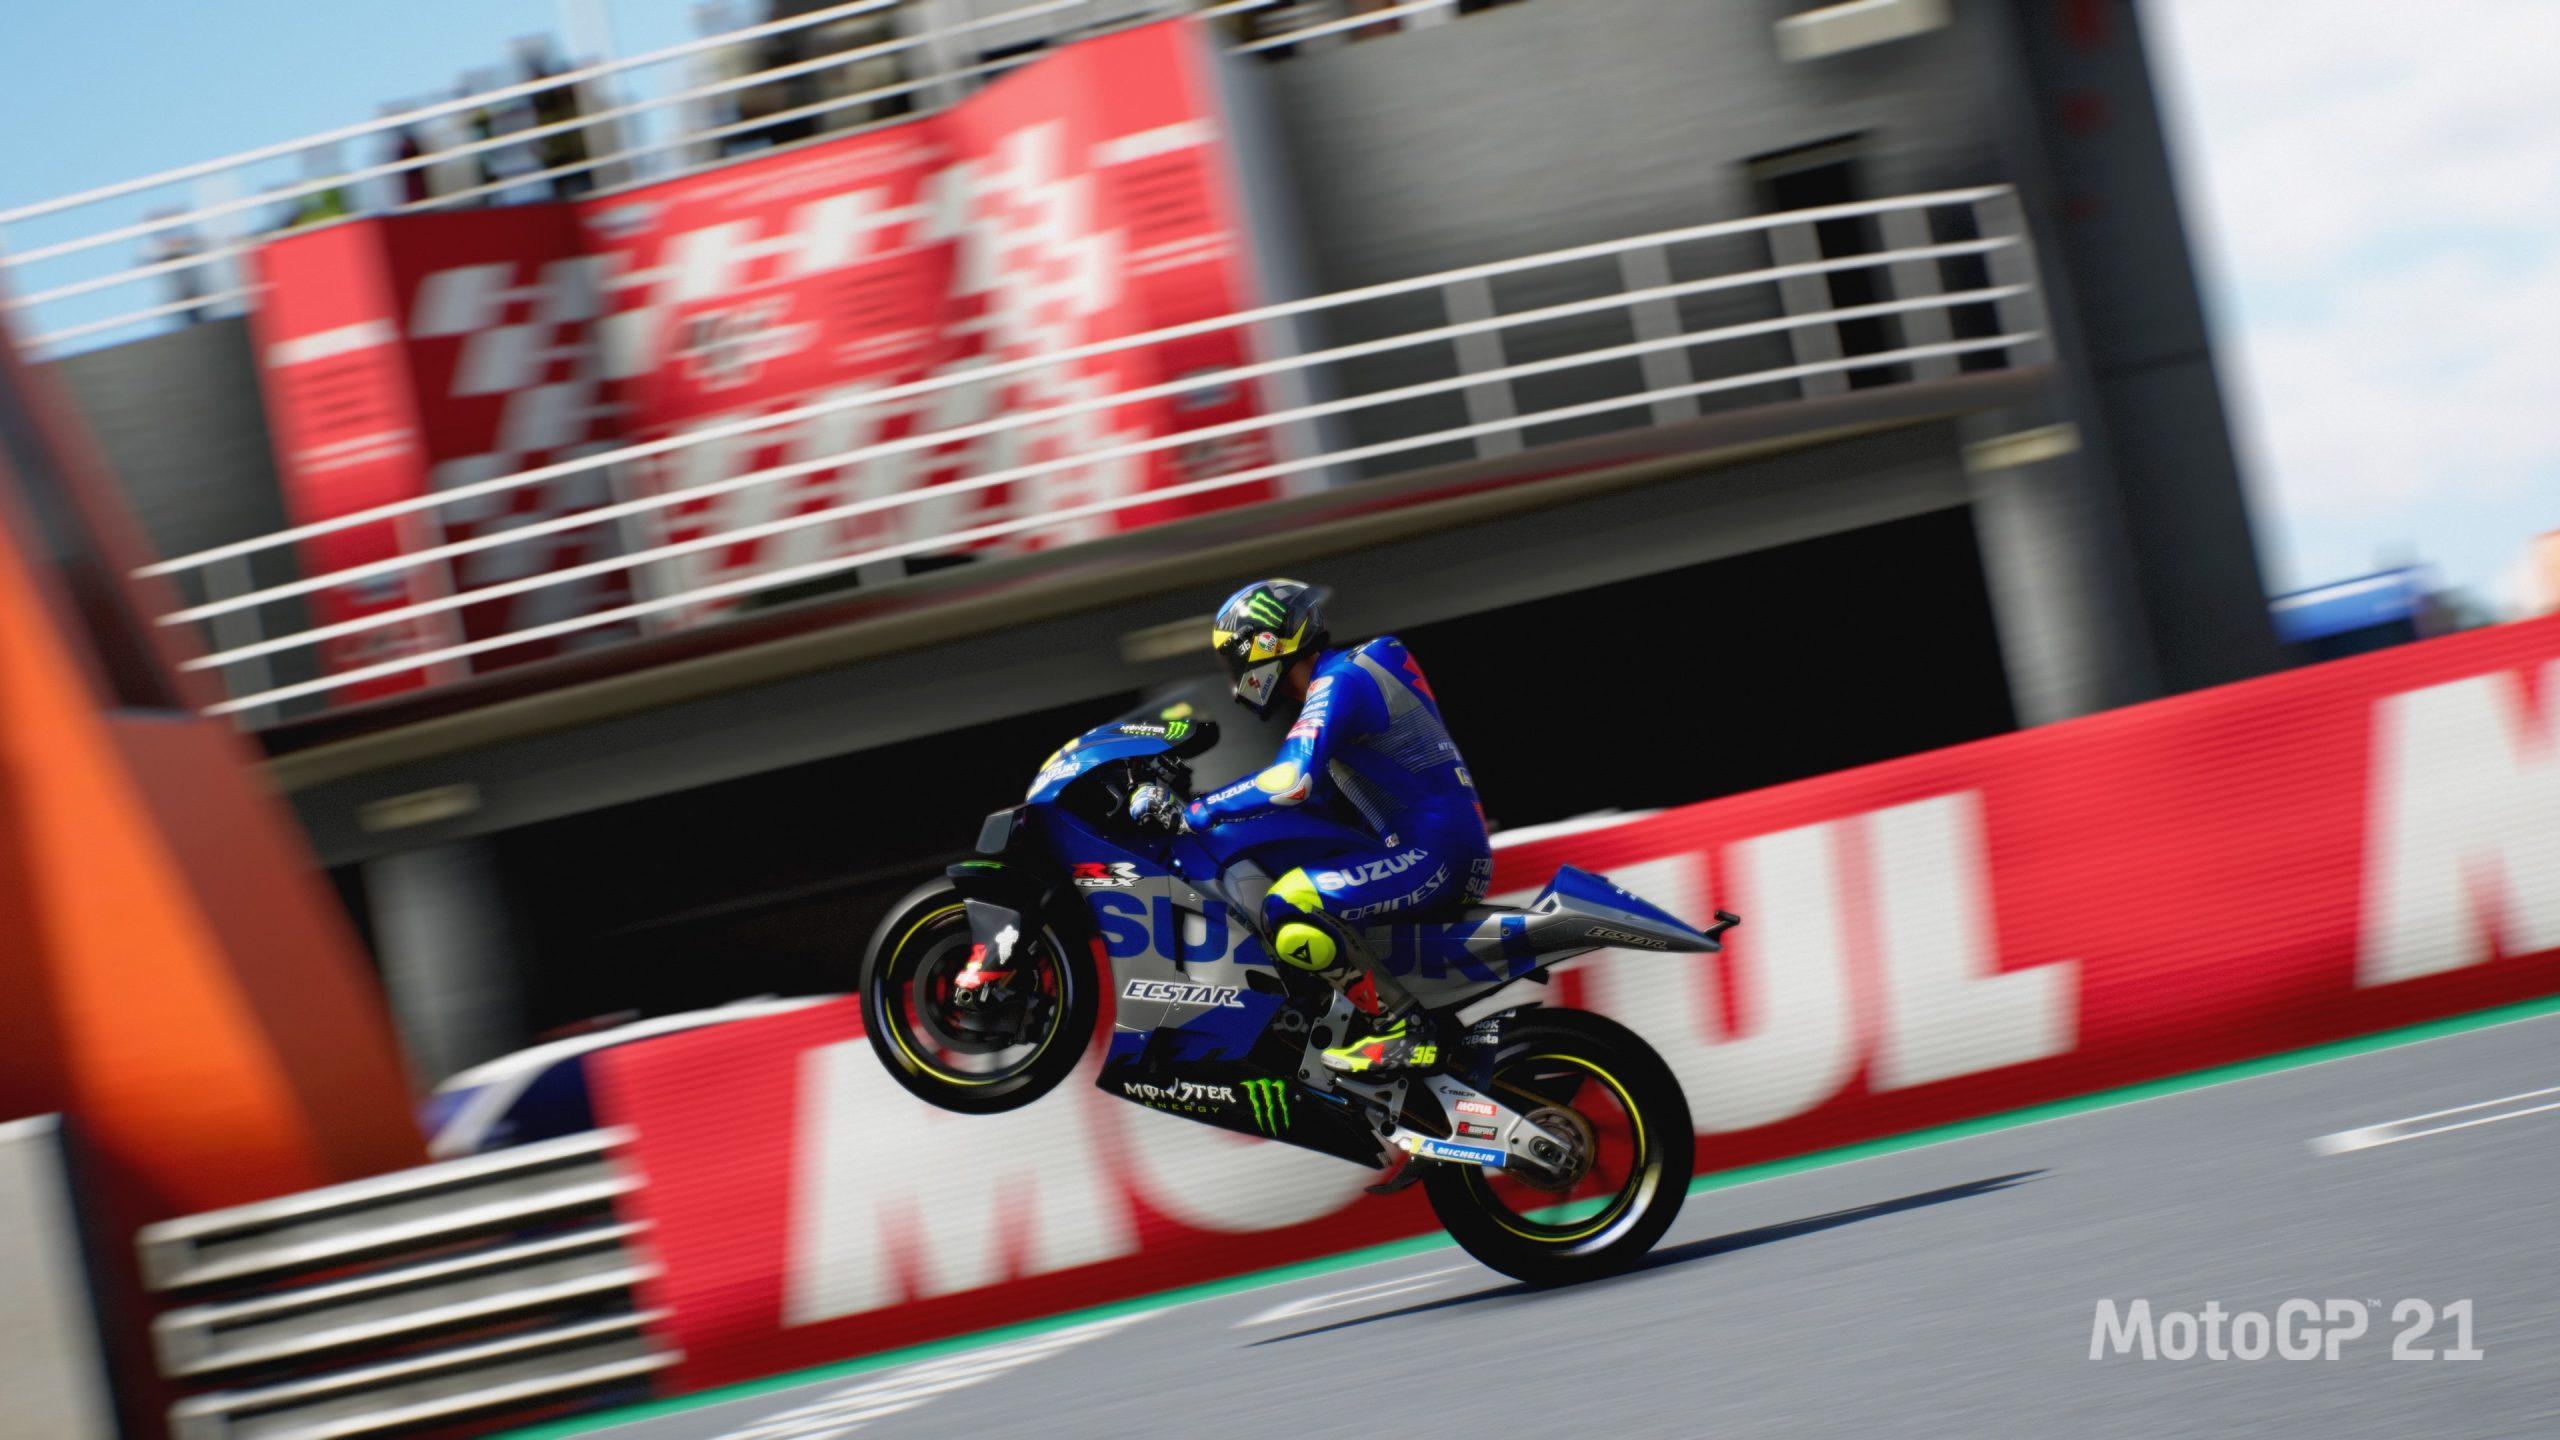 Moto GP 21 screenshot